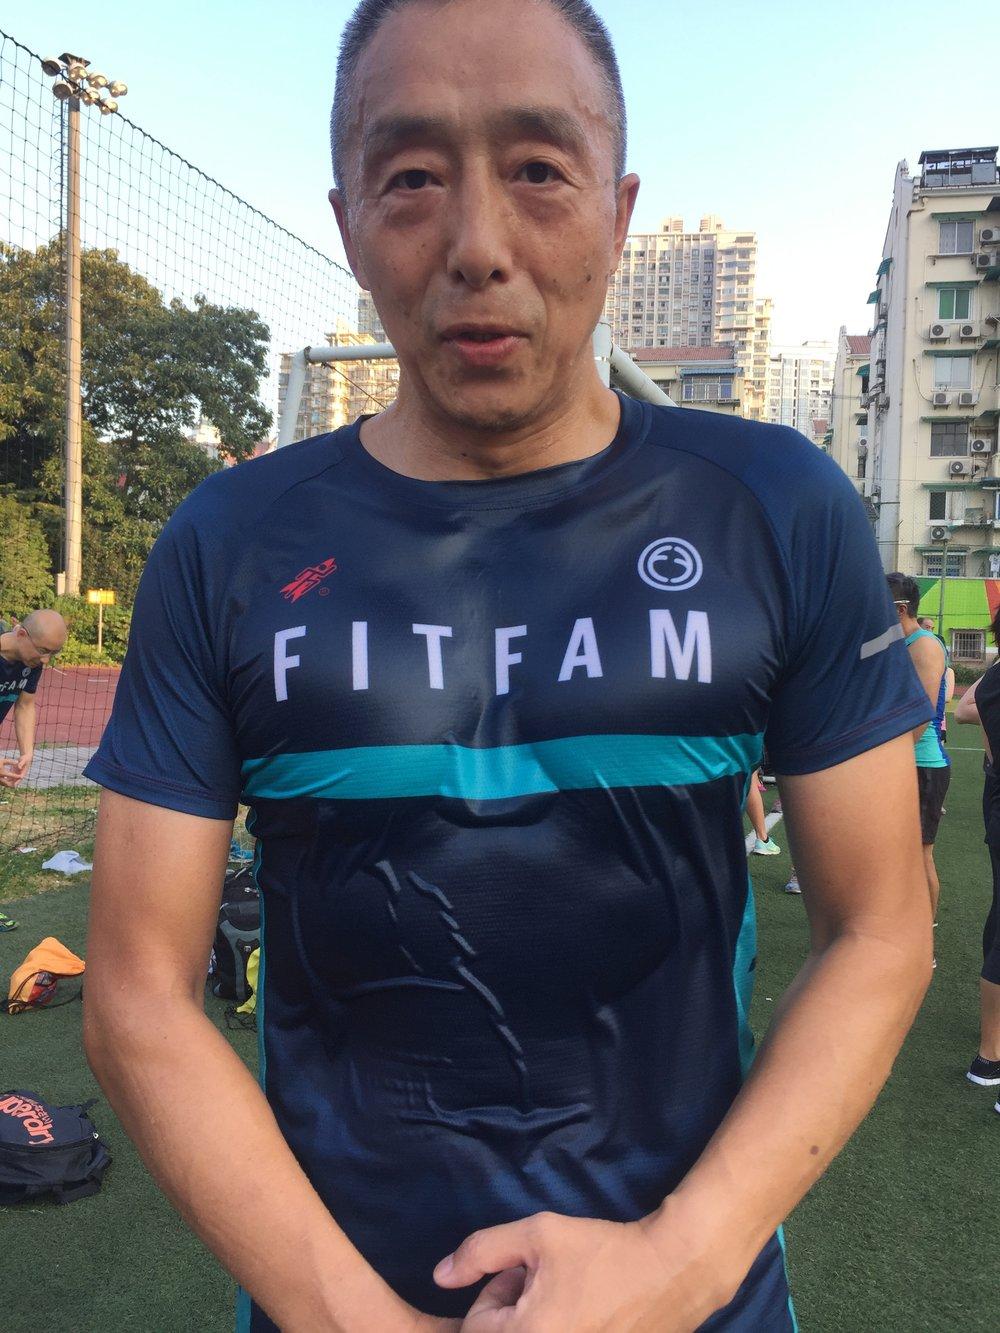 Xiao Chun Tang